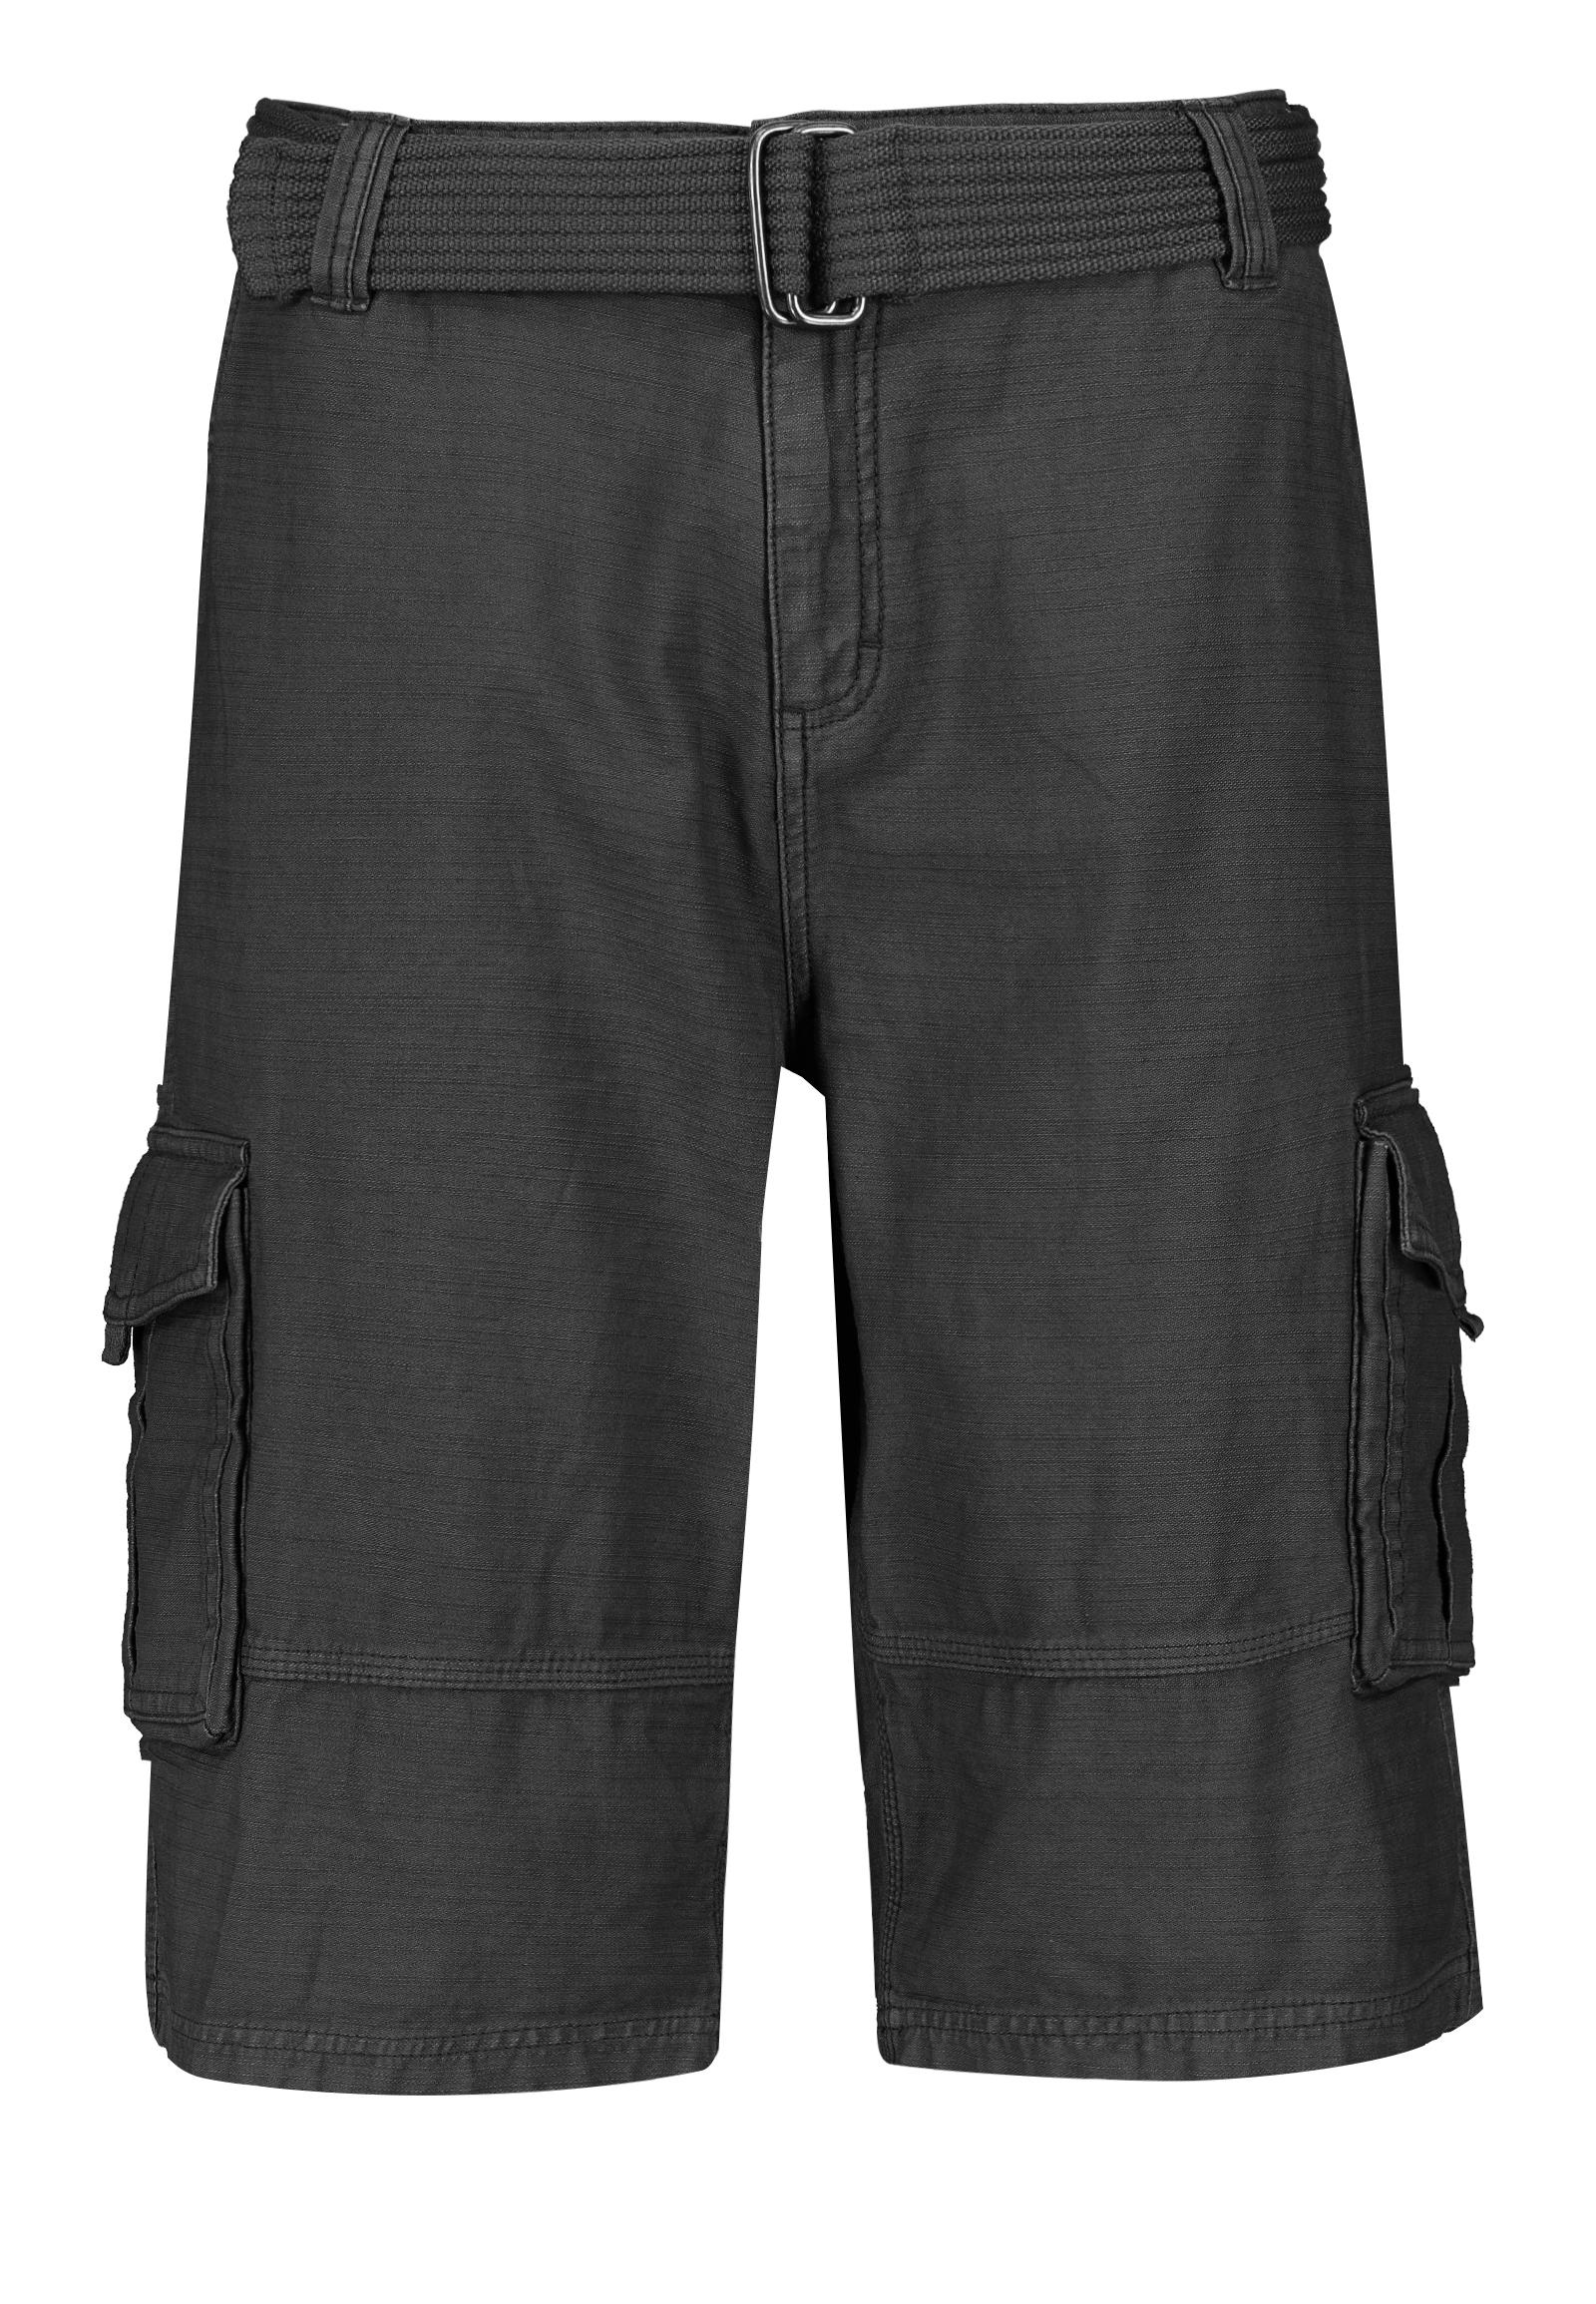 Artikel klicken und genauer betrachten! - Cargo-Shorts mit Gürtel bei FASHION5 ★ GÜNSTIG ✔ BEI DIR IN 1-3 WERKTAGEN ✔ KOSTENLOSE RÜCKSENDUNG ✔ | im Online Shop kaufen